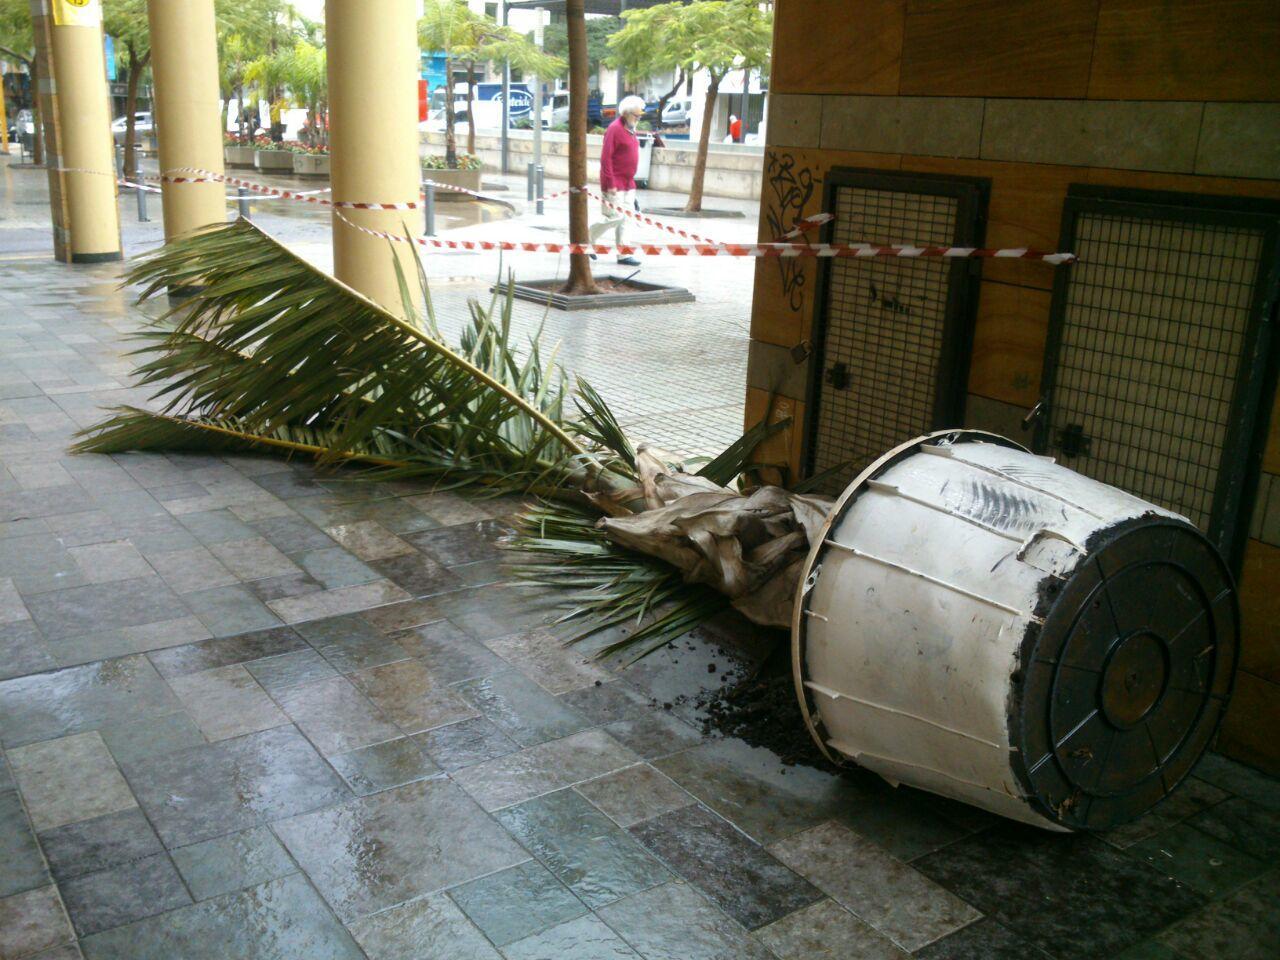 Macetas y otros objetos han caído por los fuertes vientos en el centro de Santa Cruz./ DA